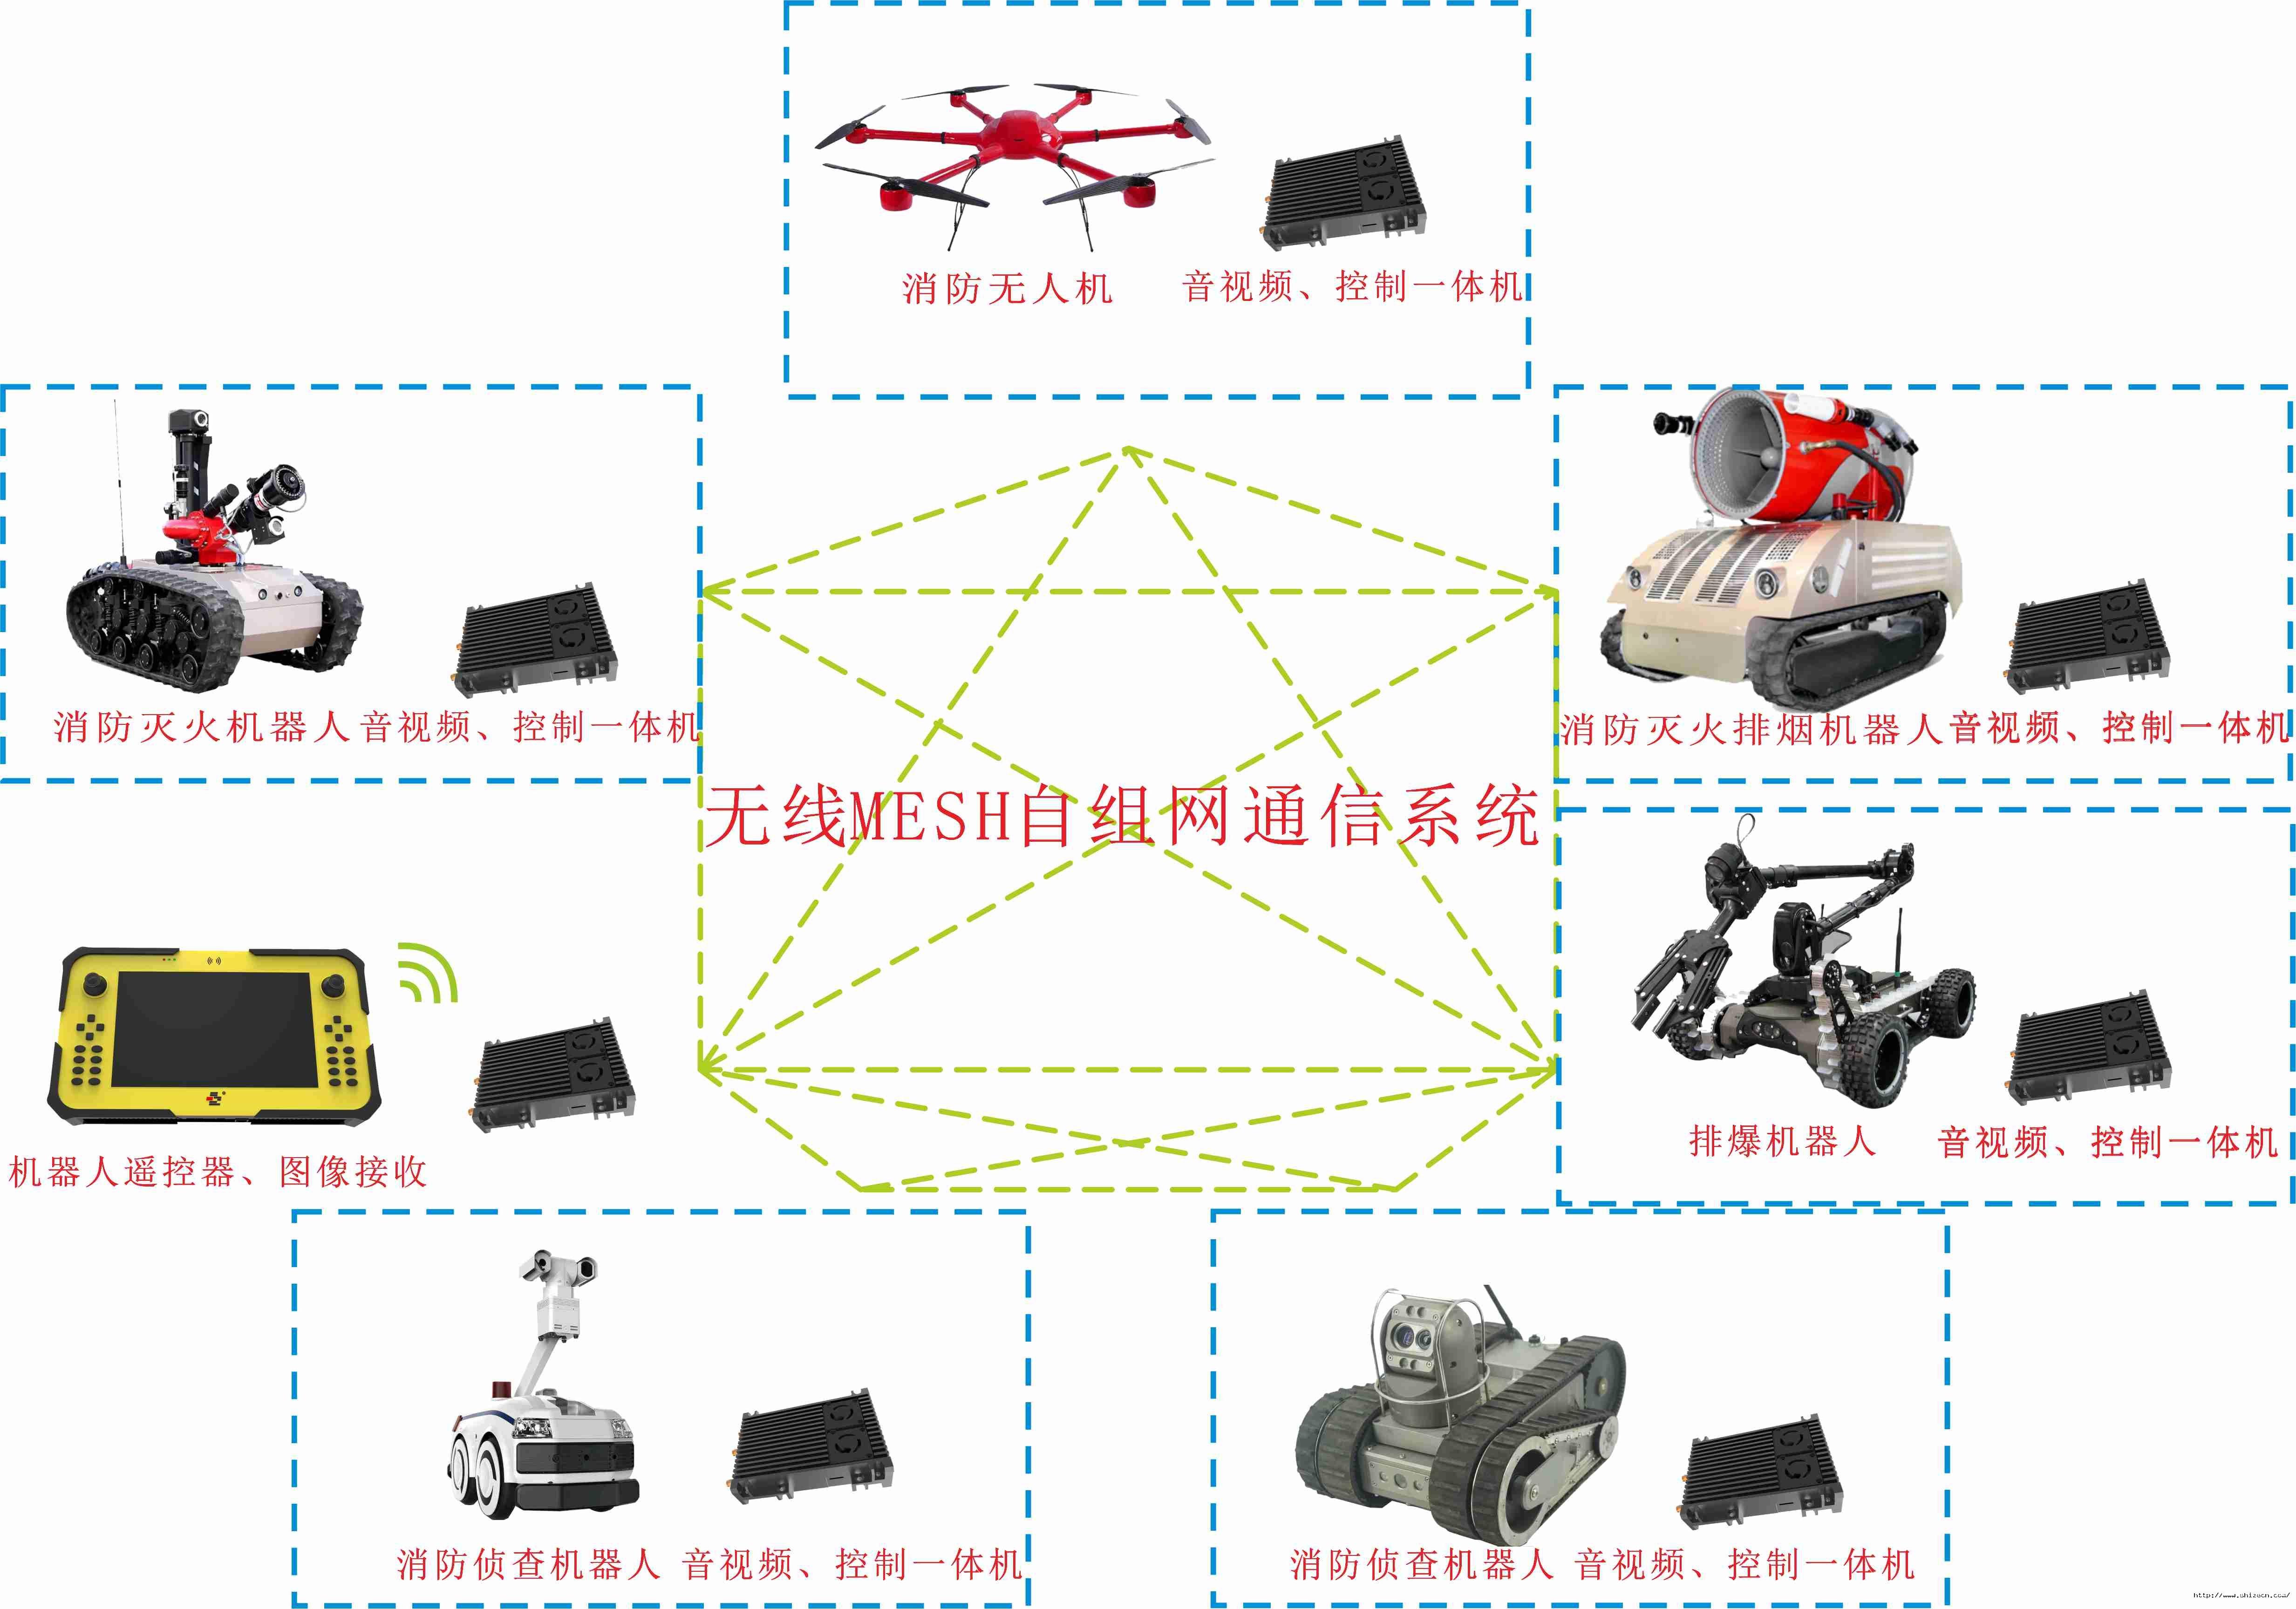 无线MESH自组网系统---2018.07.172.jpg